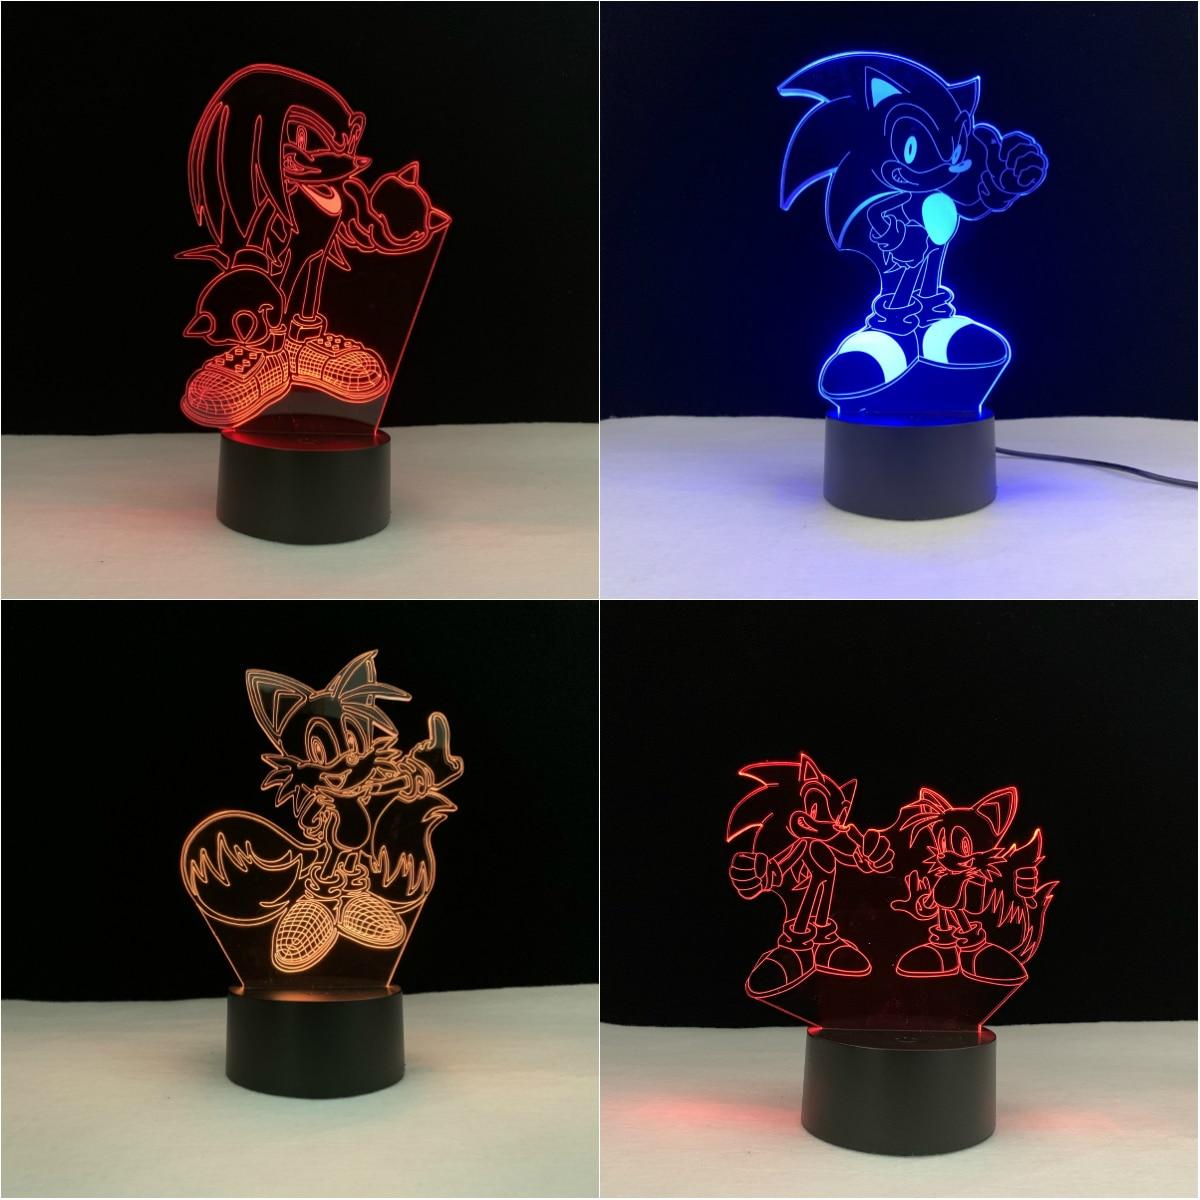 Juego de dibujos animados Sonic colas nudillos lámpara 3D iluminación LED USB Lámpara de noche de ambiente chico juguete Multicolor Luminaria regalo de navidad niños Lámpara de mesa minimalista moderna nórdica para sala de estar bola de cristal blanco luz de mesa trípode de hierro bola redonda lechosa lámpara de escritorio lectura